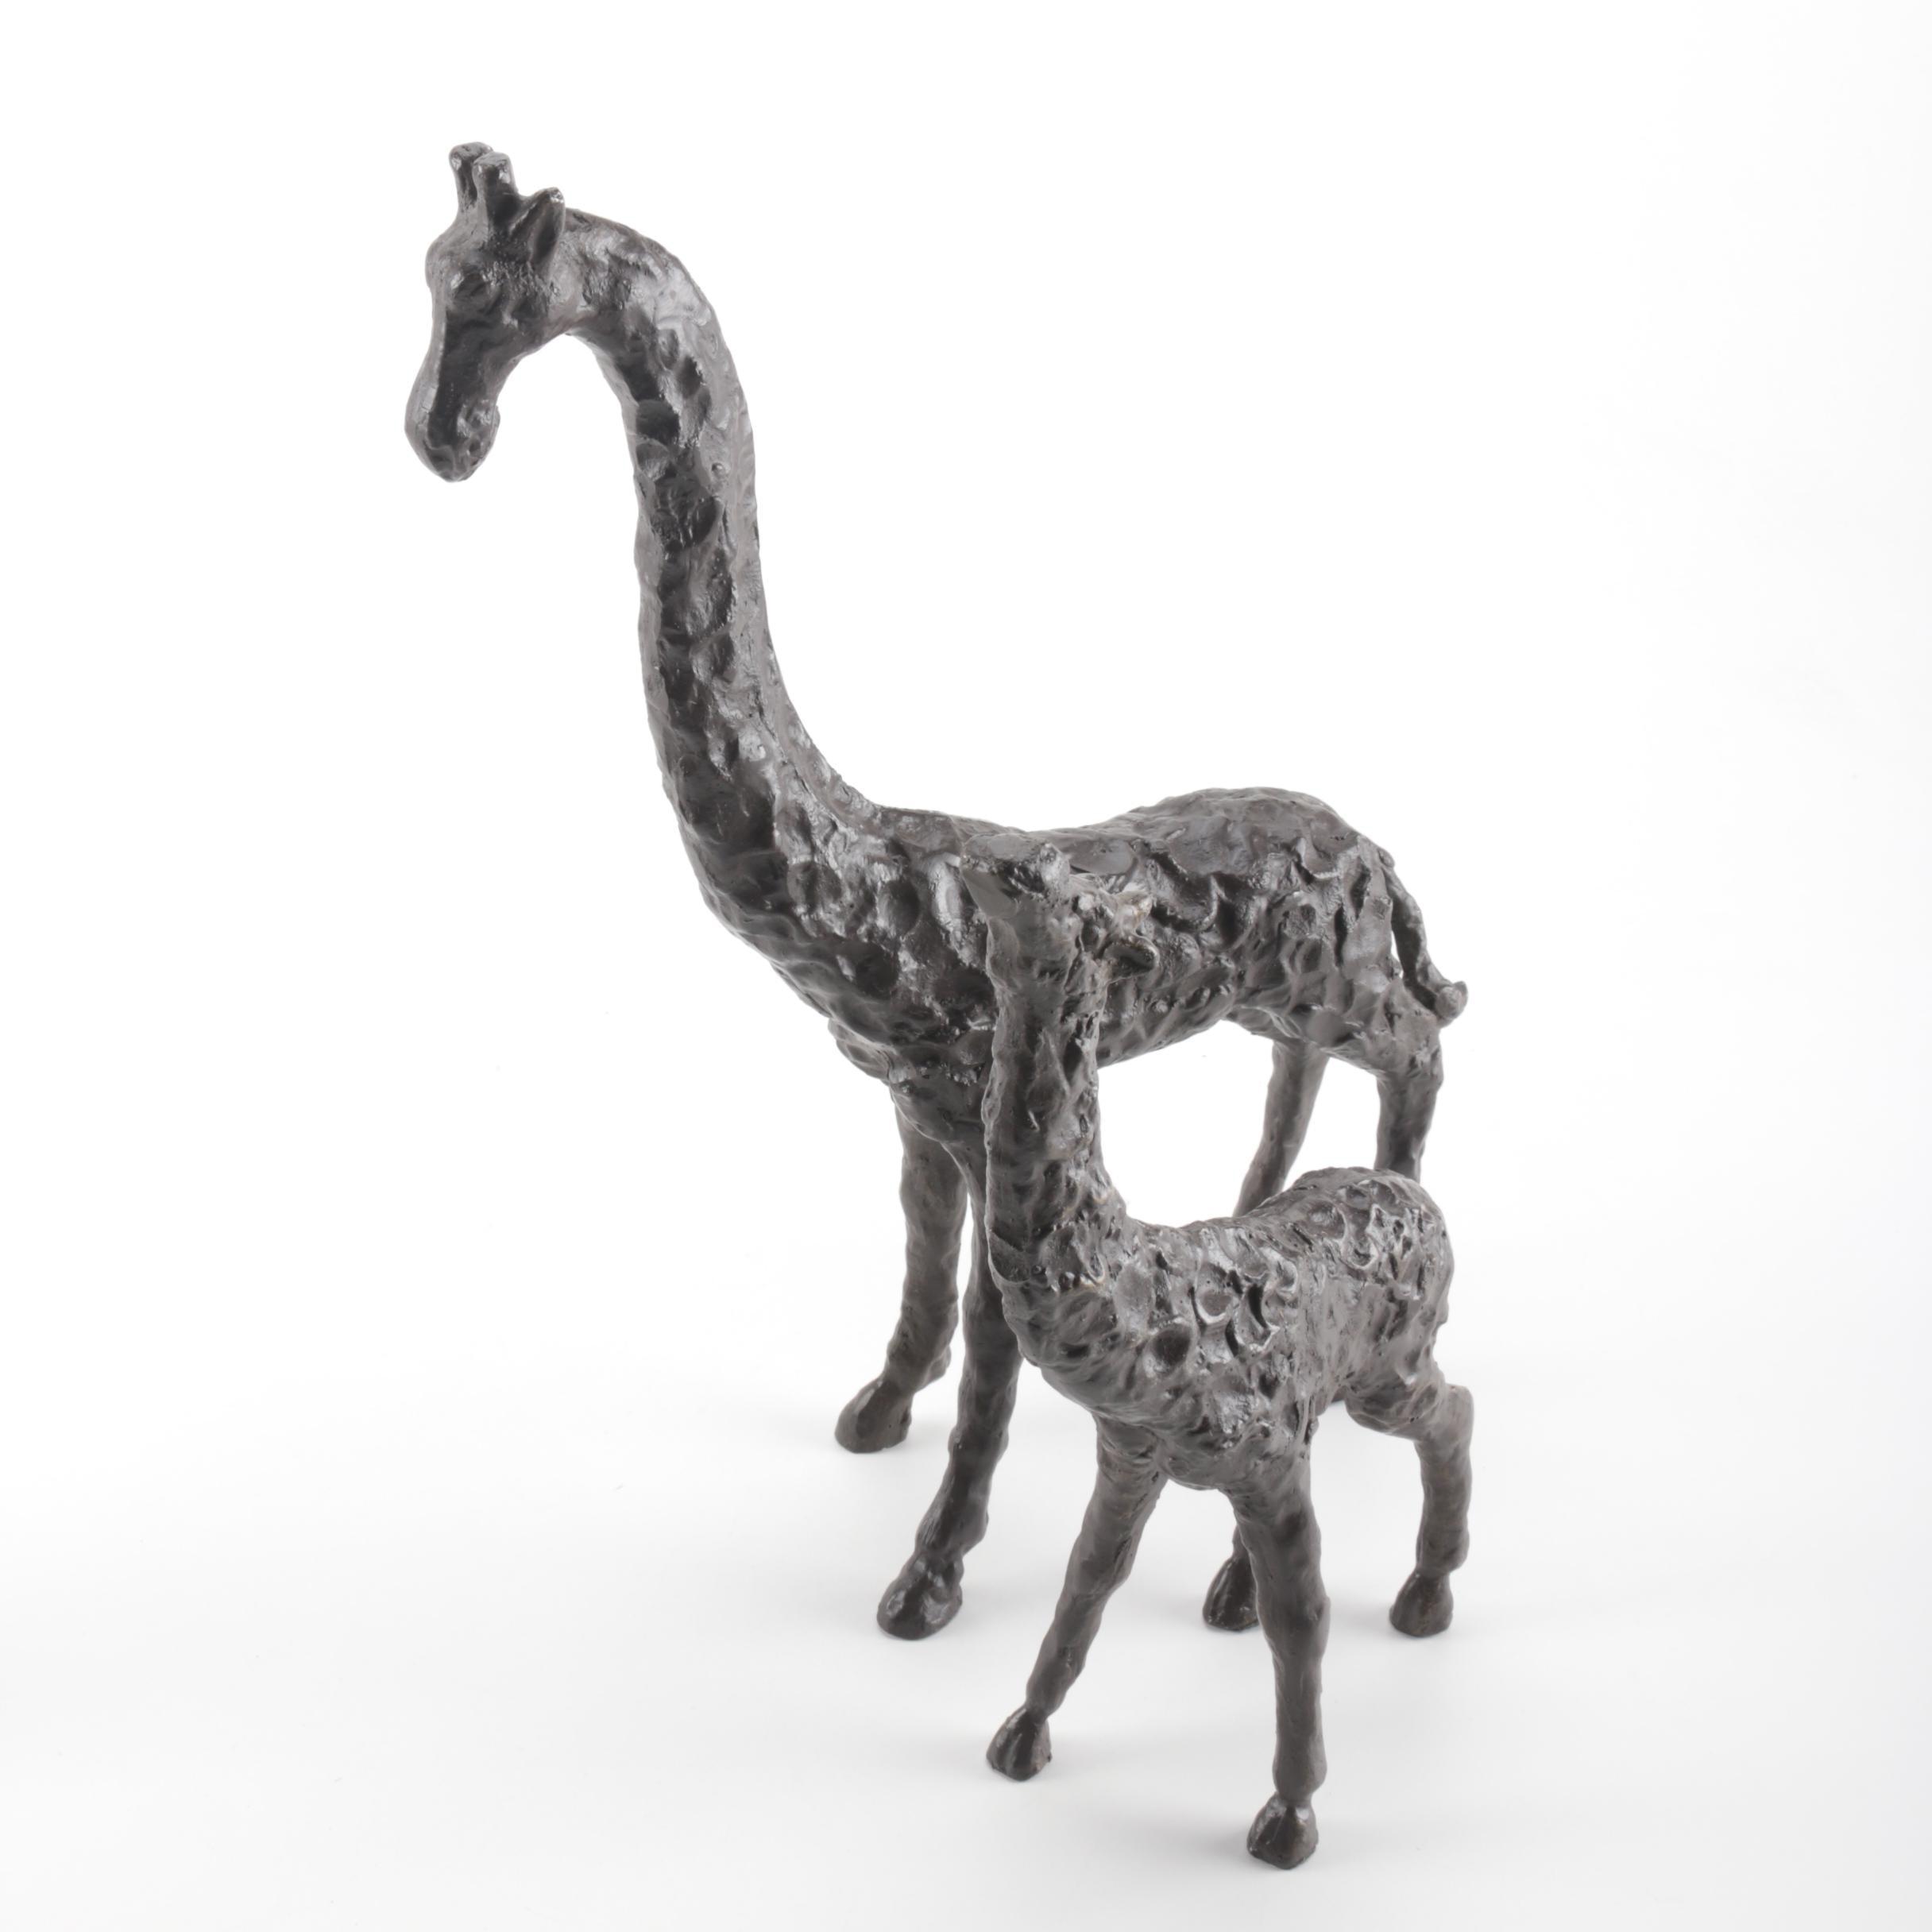 Pair of Giraffe Figurines